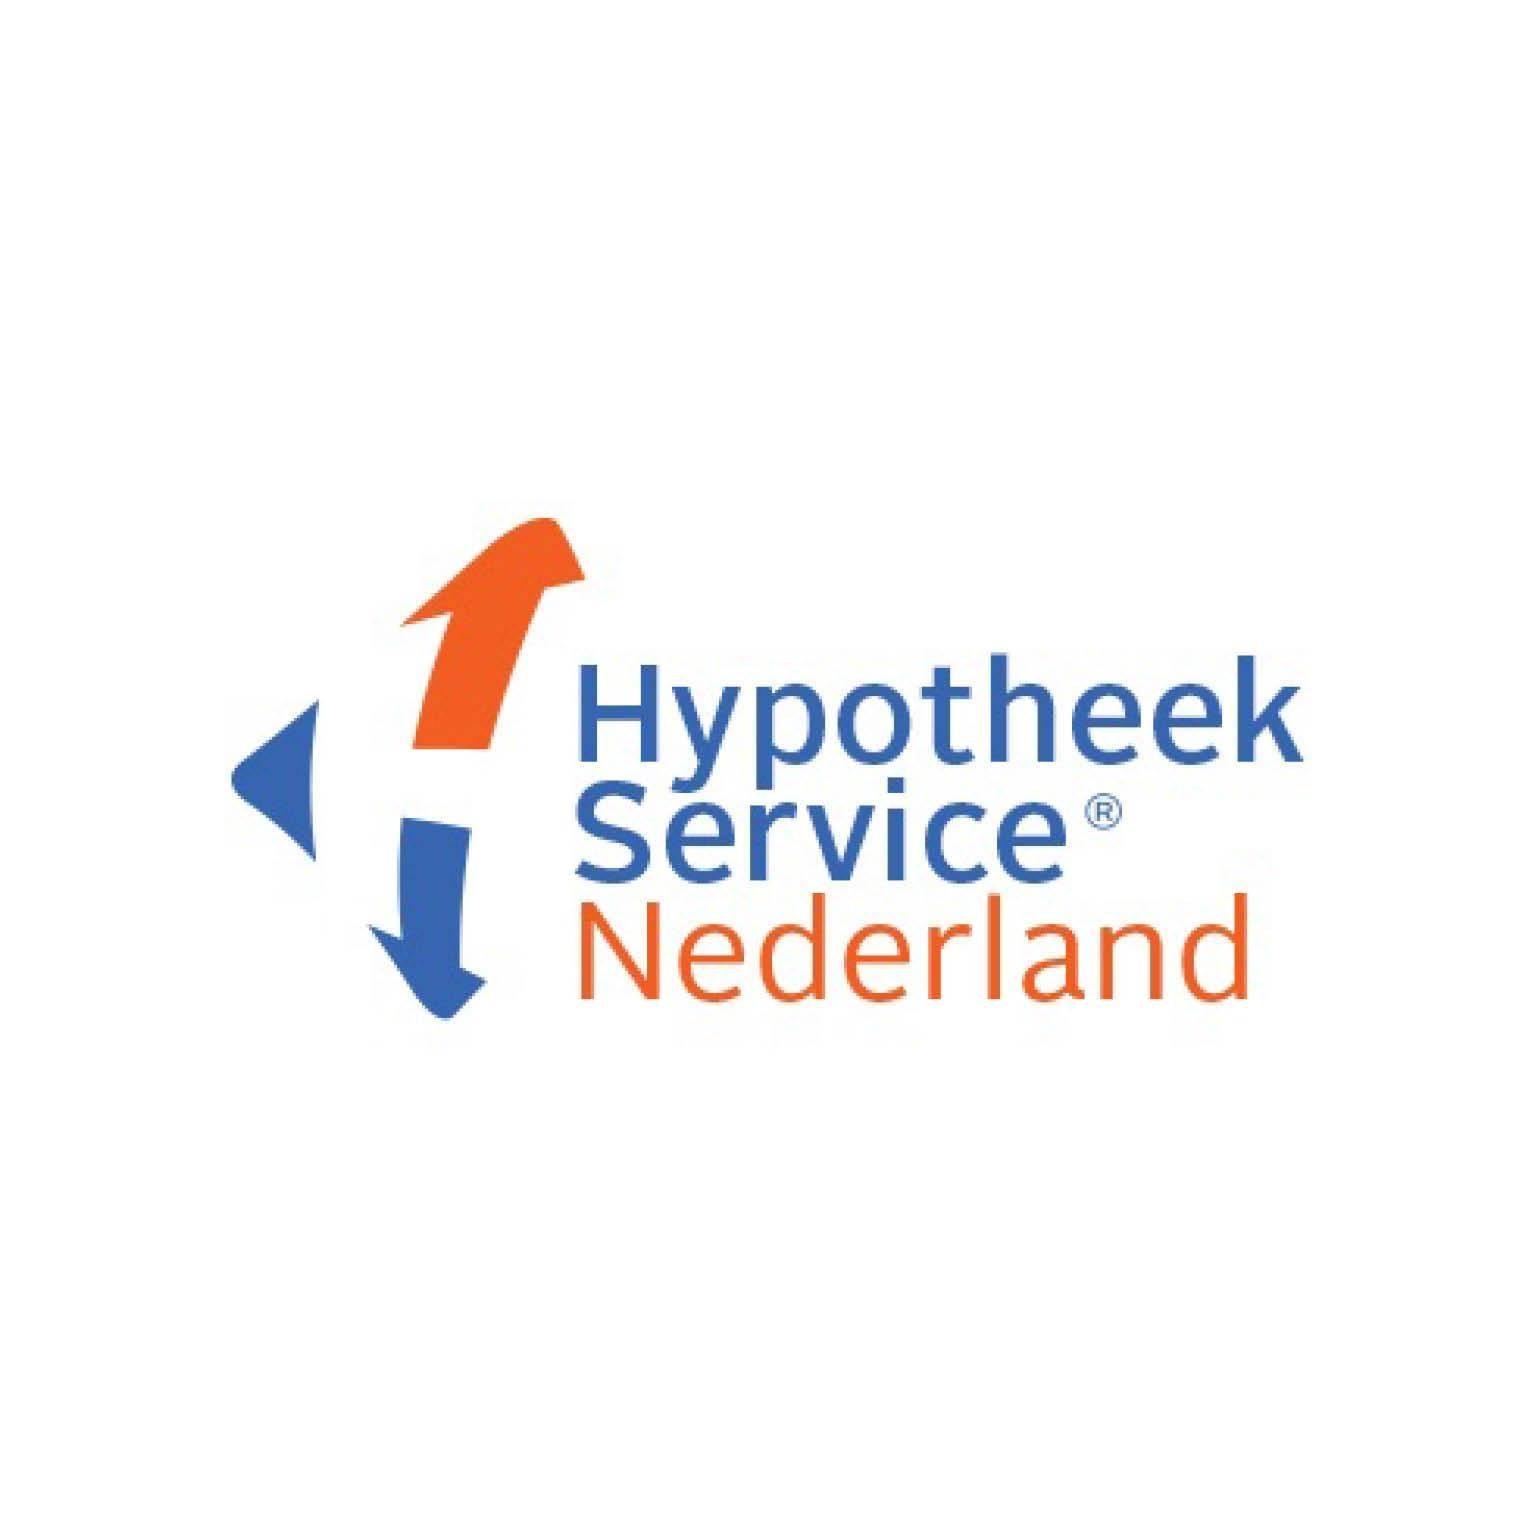 Hypotheek Service Nederland